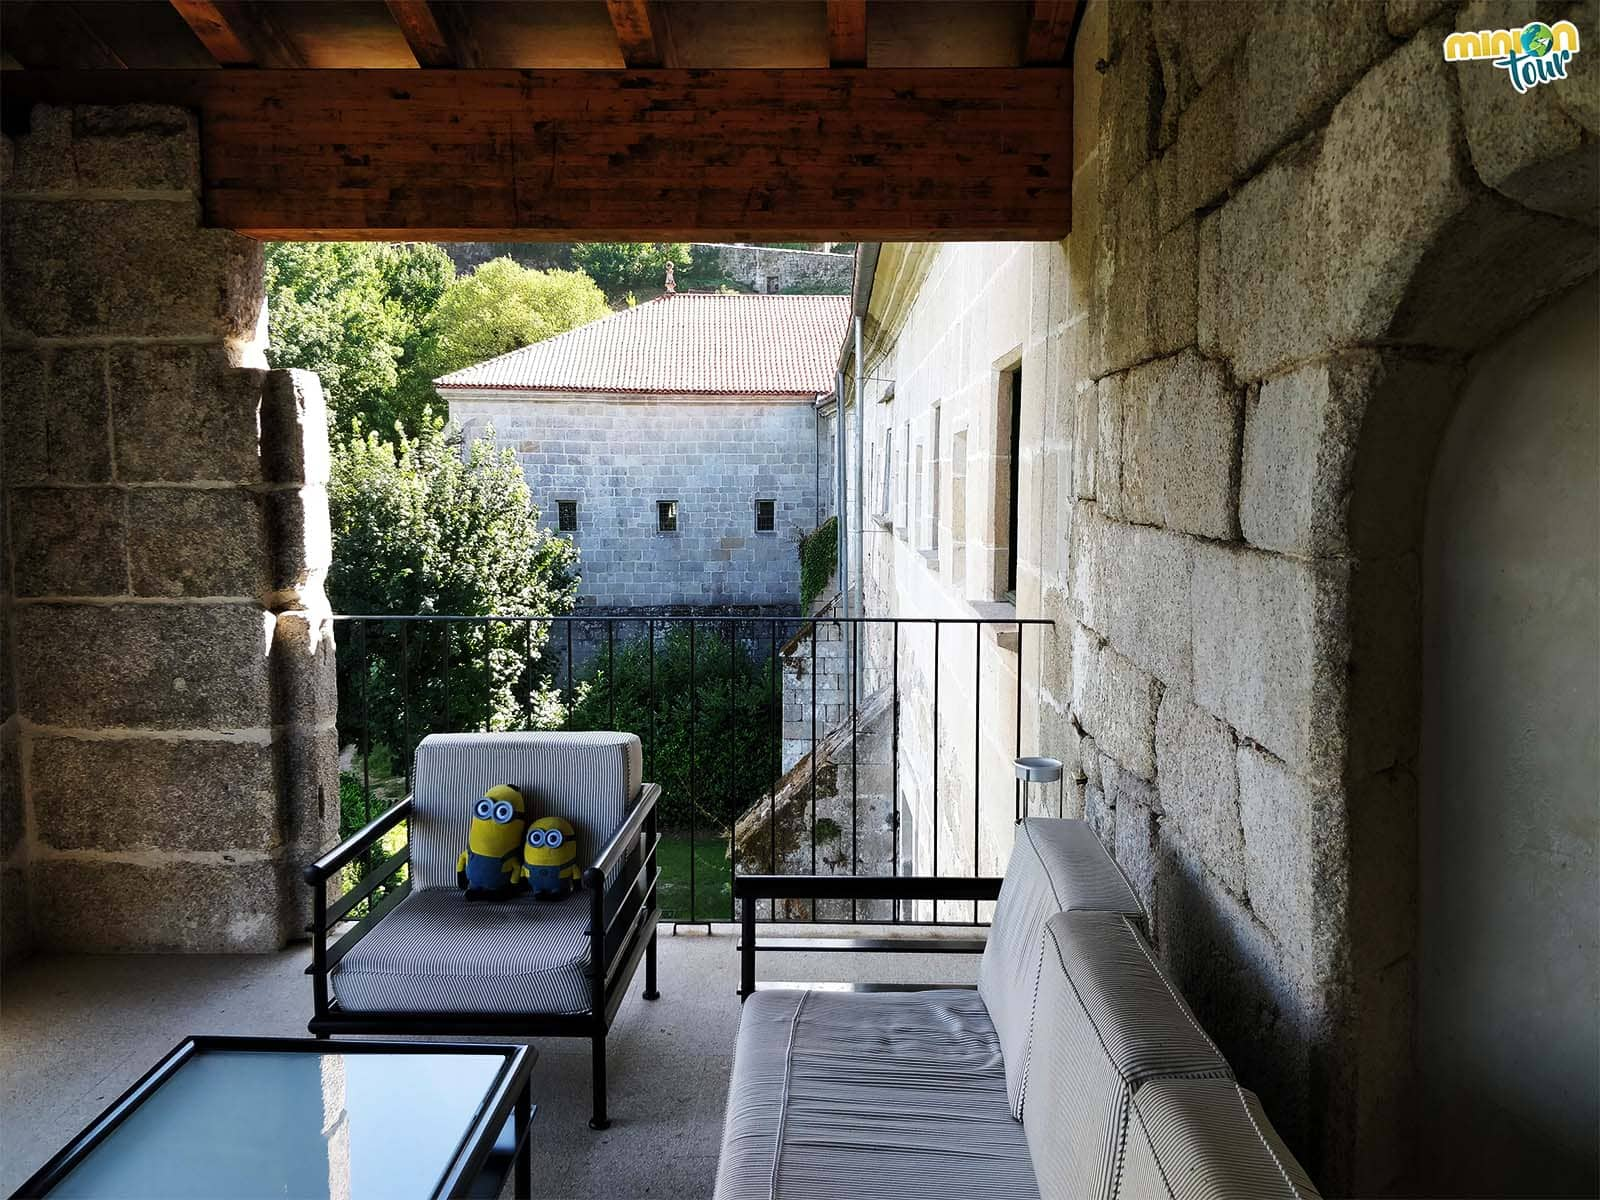 Una de las terrazas del monasterio